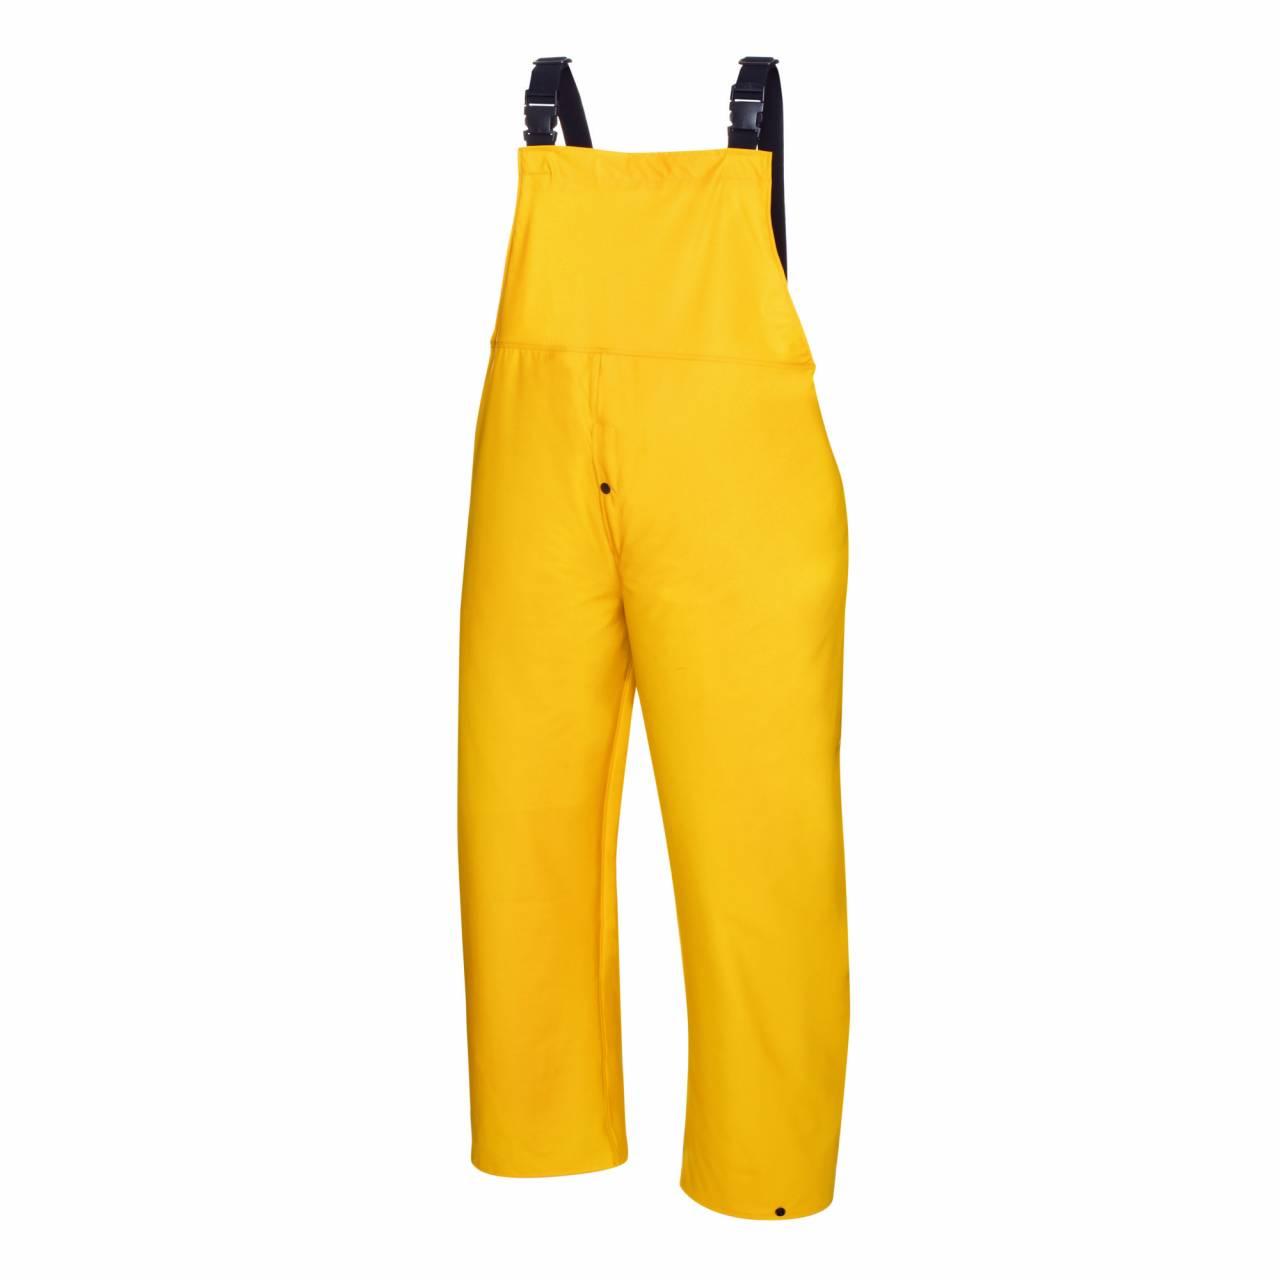 PU-Regenschutz-Latzhose gelb, Gr.XXL